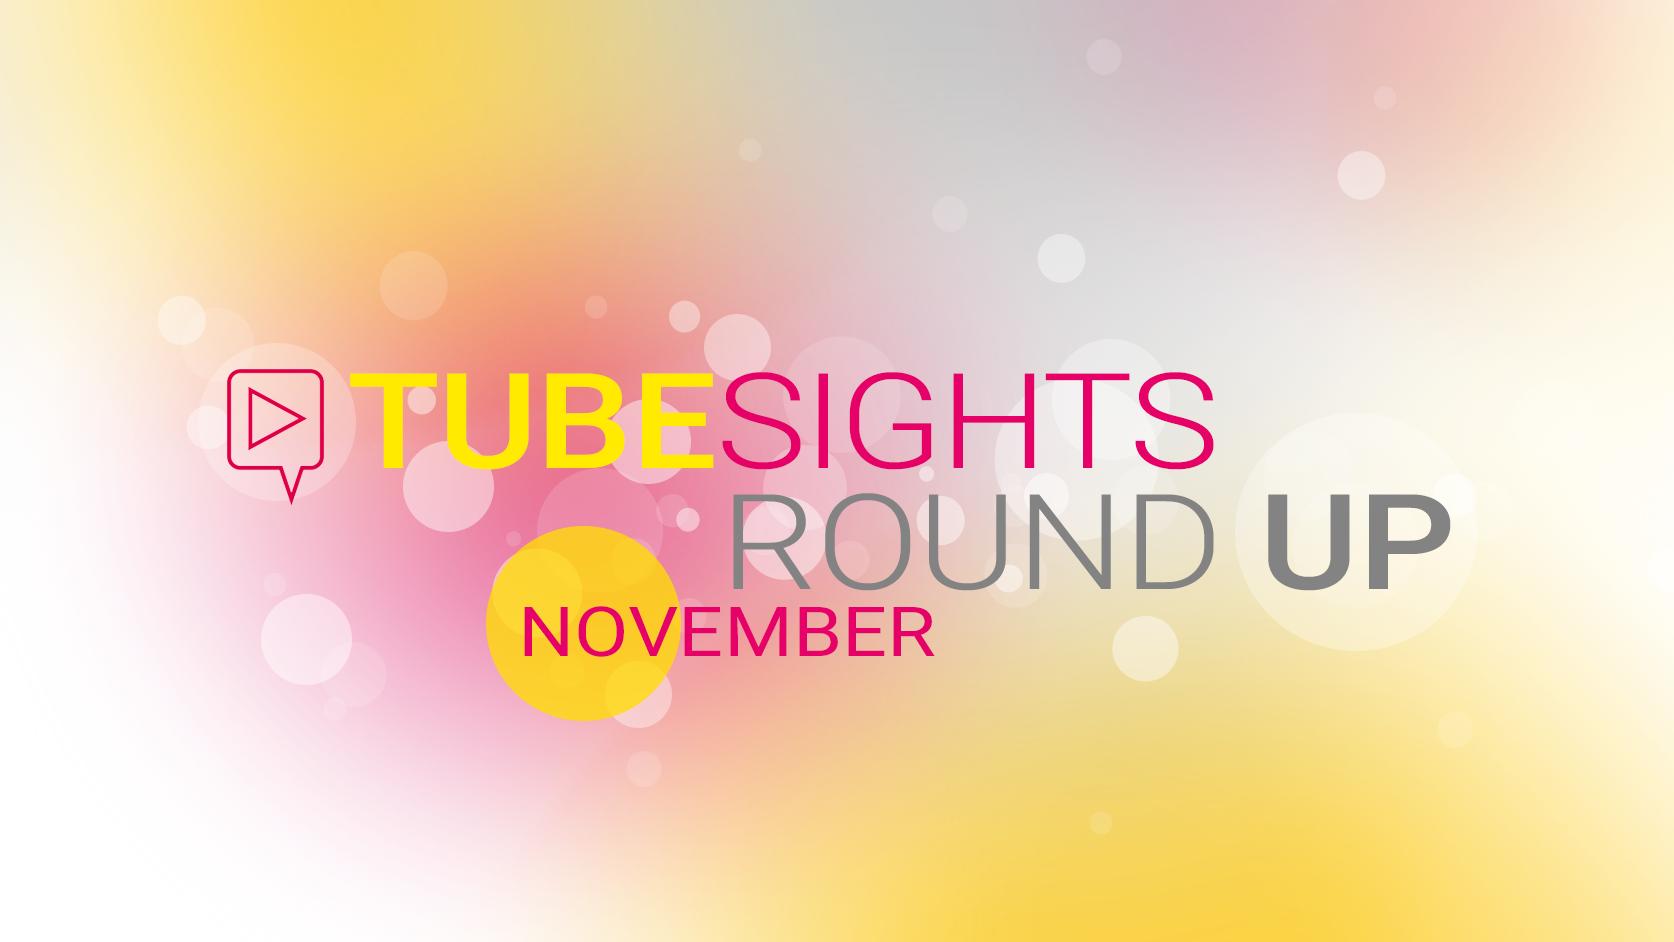 dcc6087c1b2 YouTube-Neuerungen ohne Ende – Tubesights Round Up  YouTube- und  Influencer-Marketing